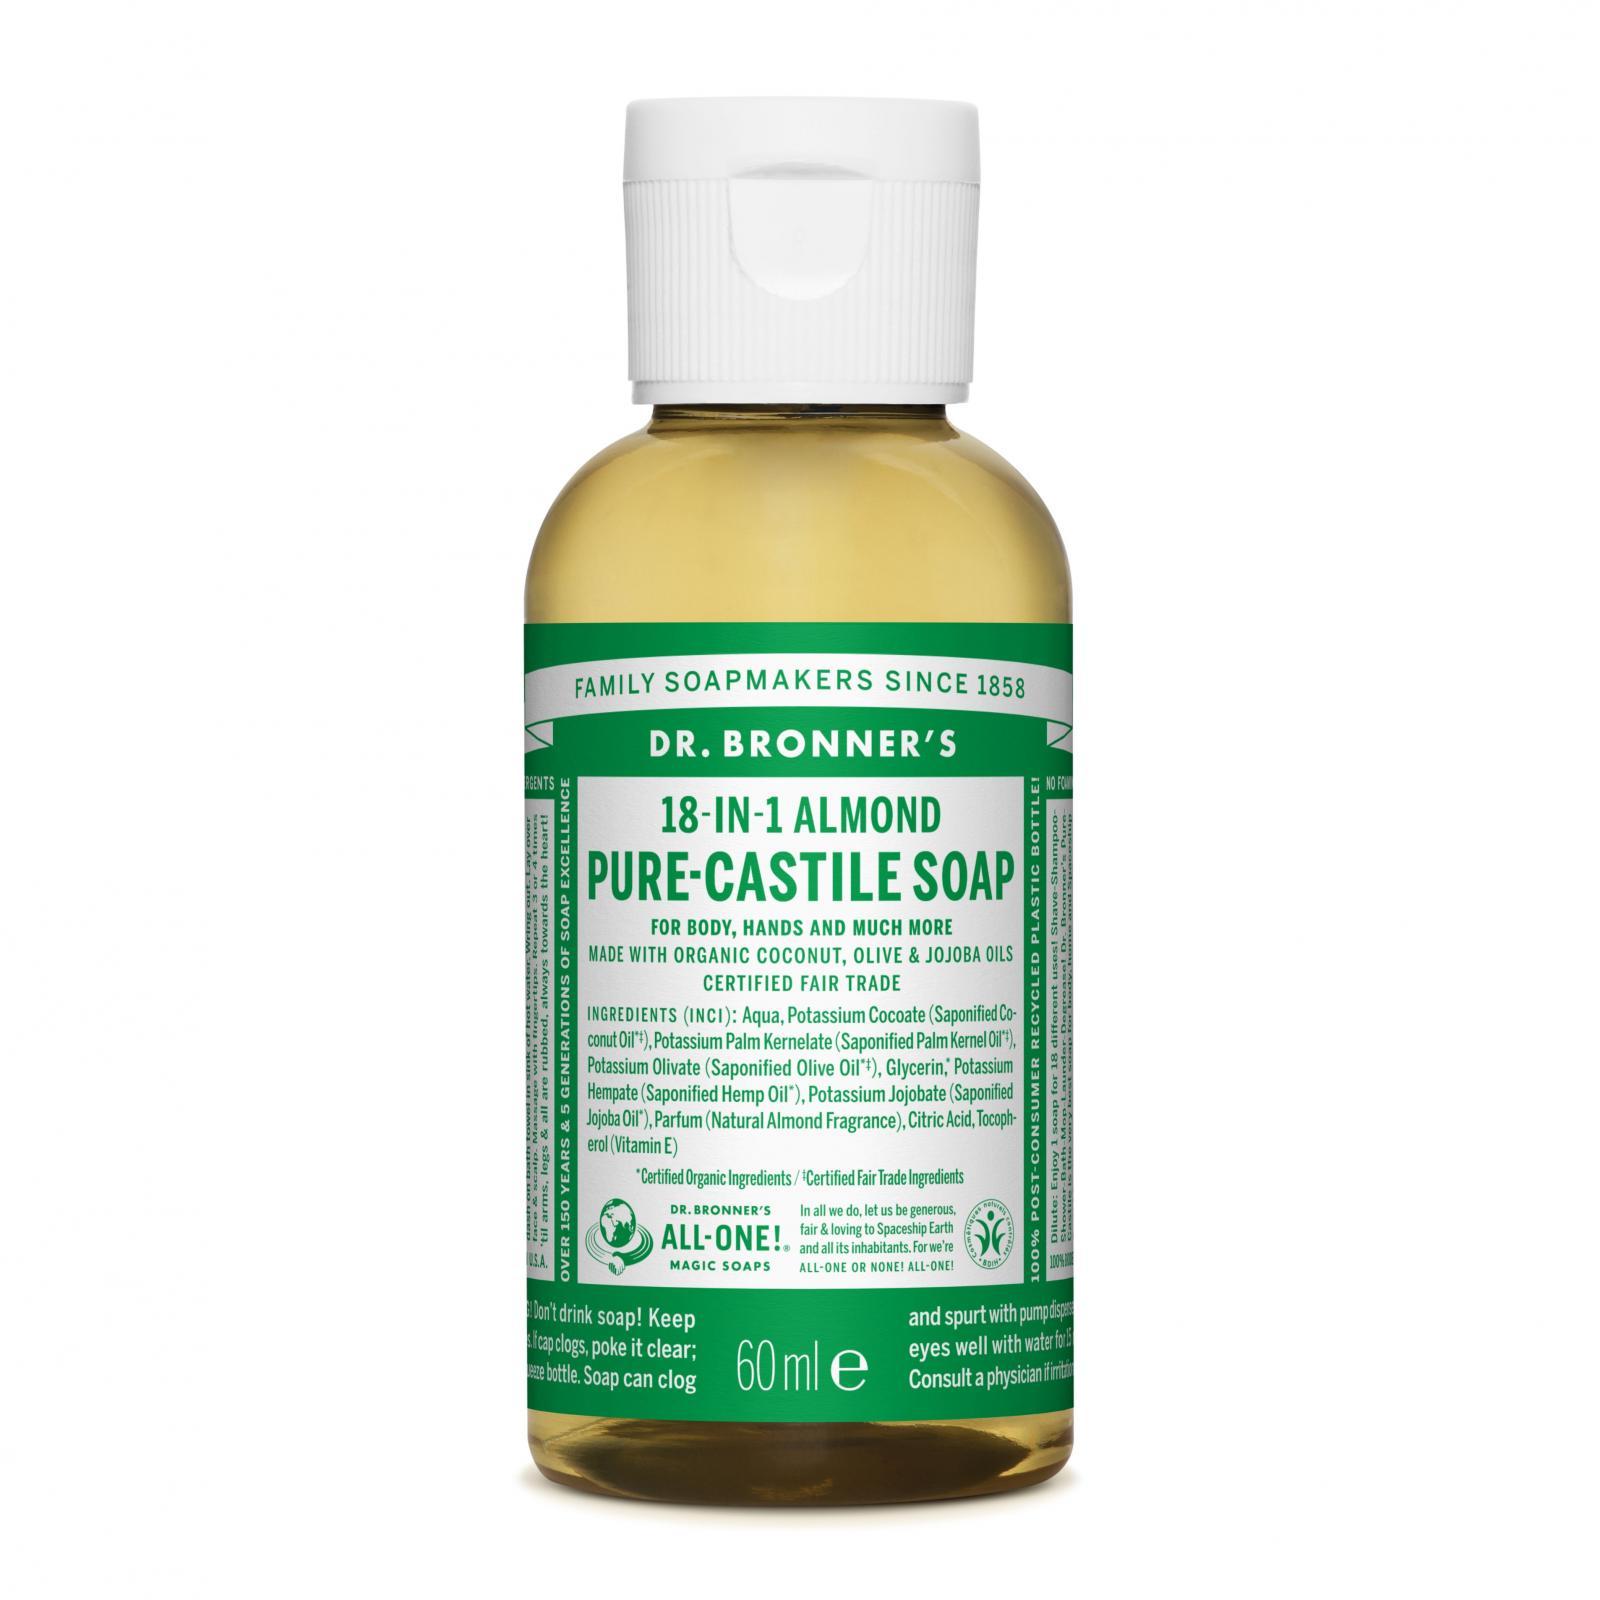 Dr. Bronner´s Tekuté univerzální mýdlo ALL-ONE!, Almond 59 ml + DOPRAVA ZDARMA po celý rok!